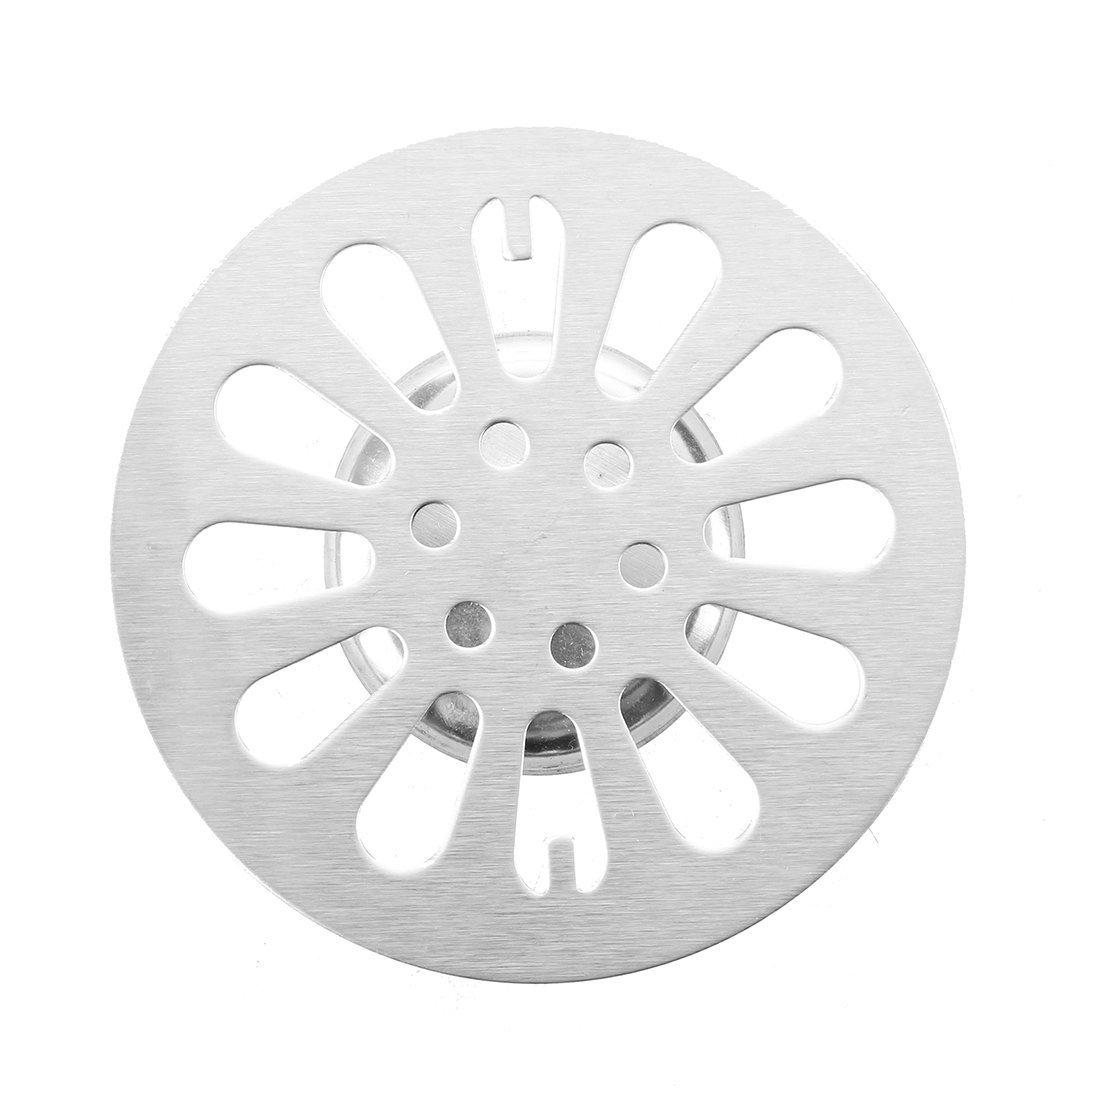 Acciaio inossidabile rotonda Piano di scarico coperchio del filtro per il bagno R SODIAL